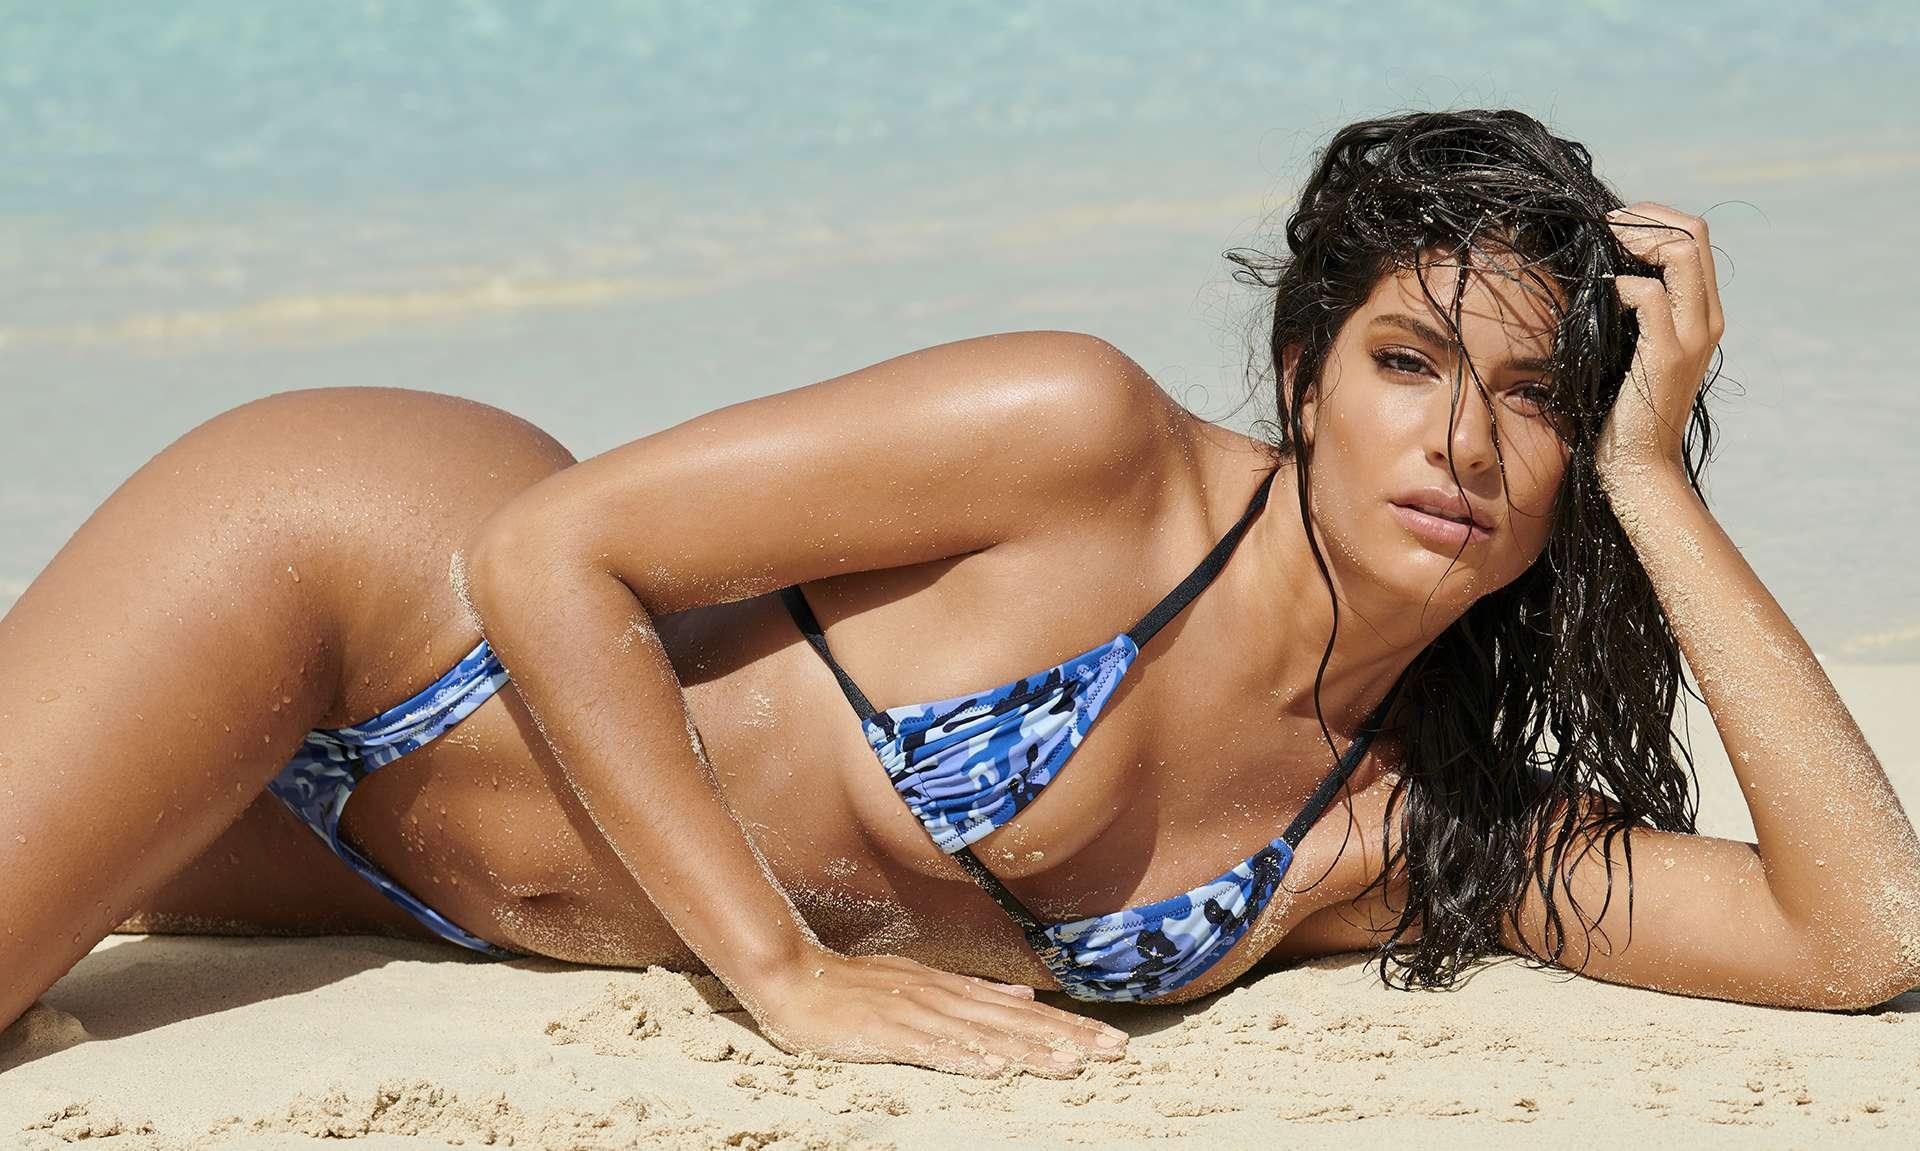 Manuela Alvarez Hernandez photographed by Yu Tsai on Paradise Island for Sports Illustrated Swimsuit 2019